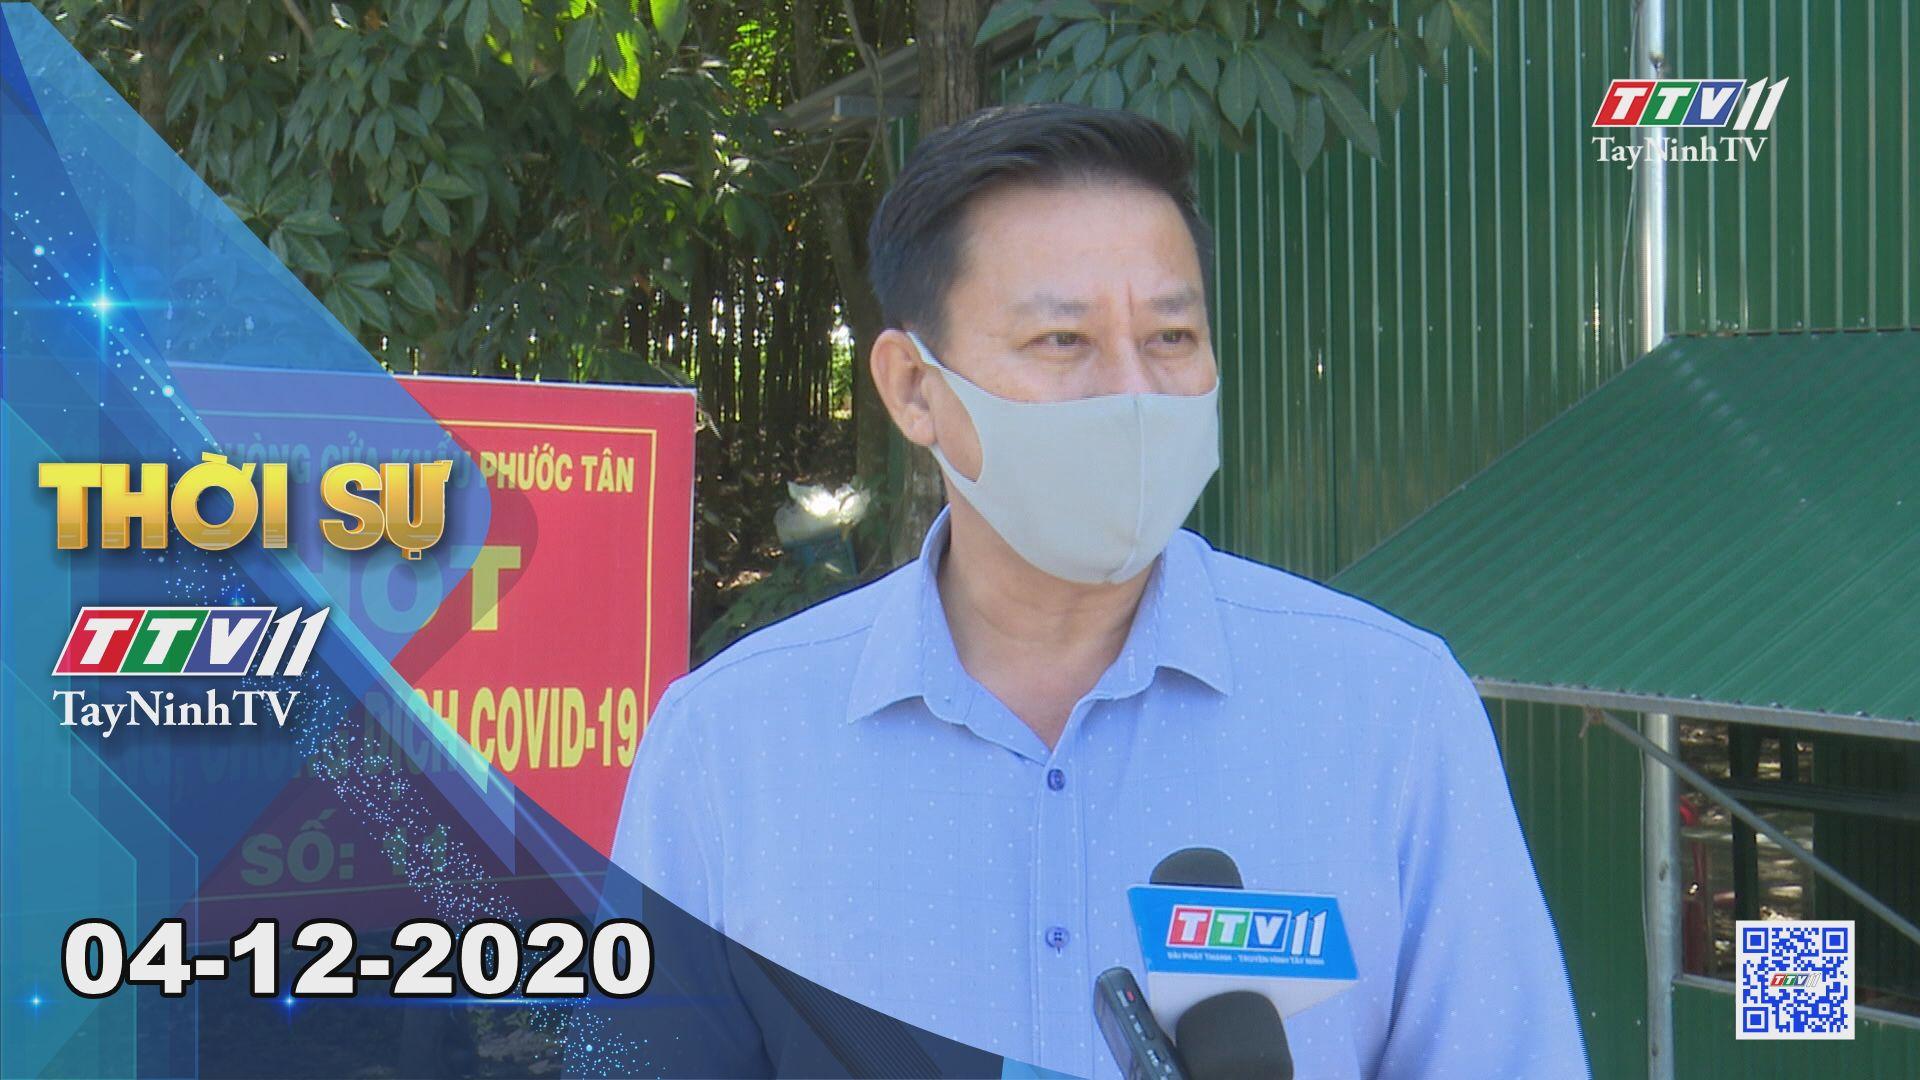 Thời sự Tây Ninh 04-12-2020 | Tin tức hôm nay | TayNinhTV